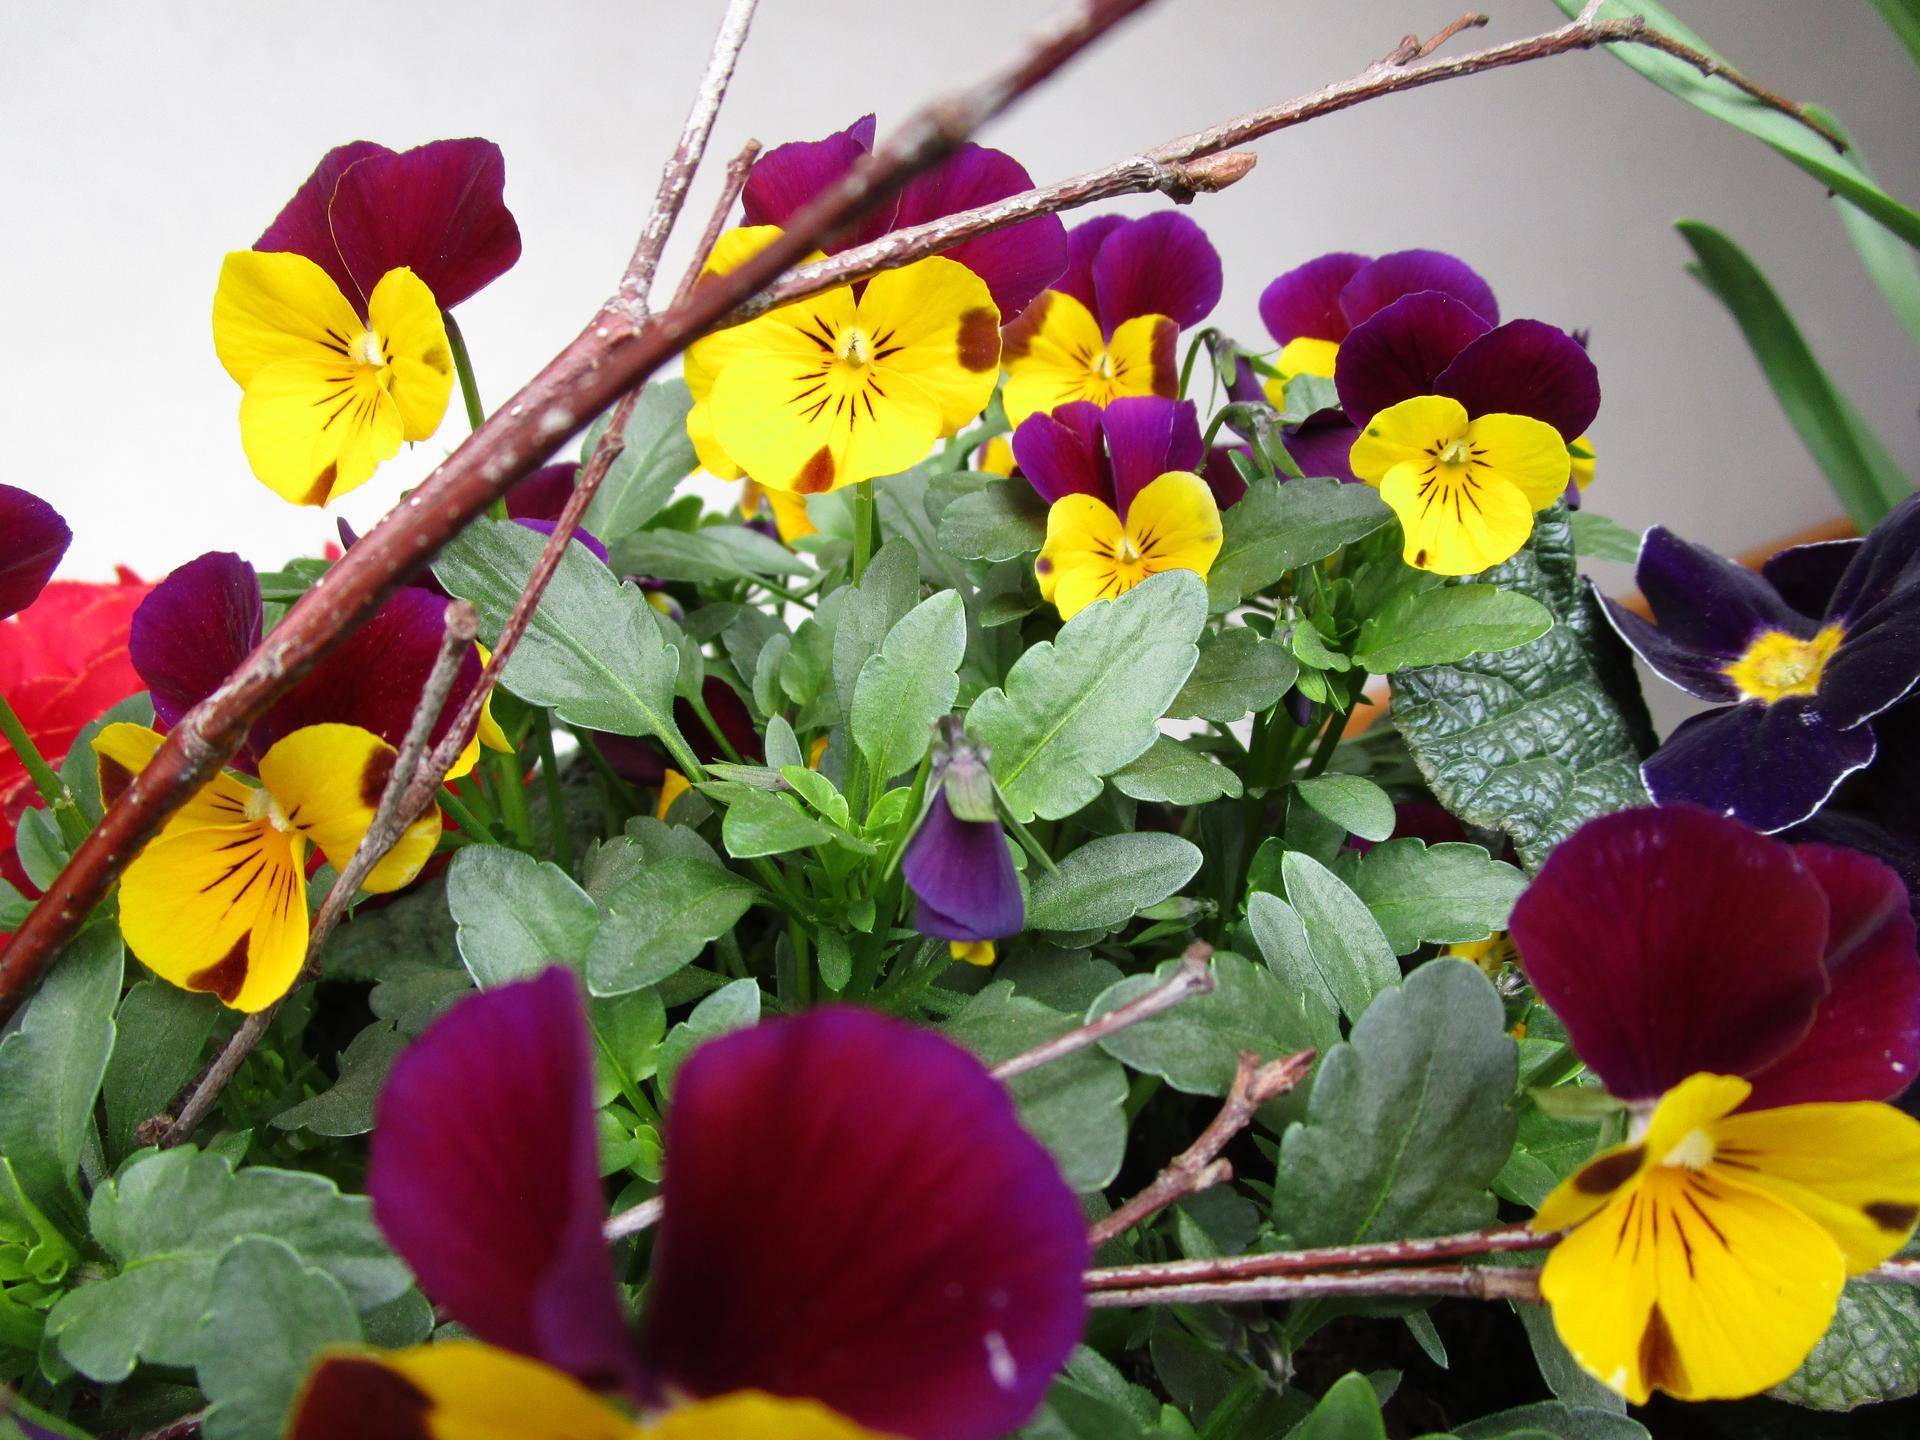 Vítáme jaro ... - Obrázek č. 7